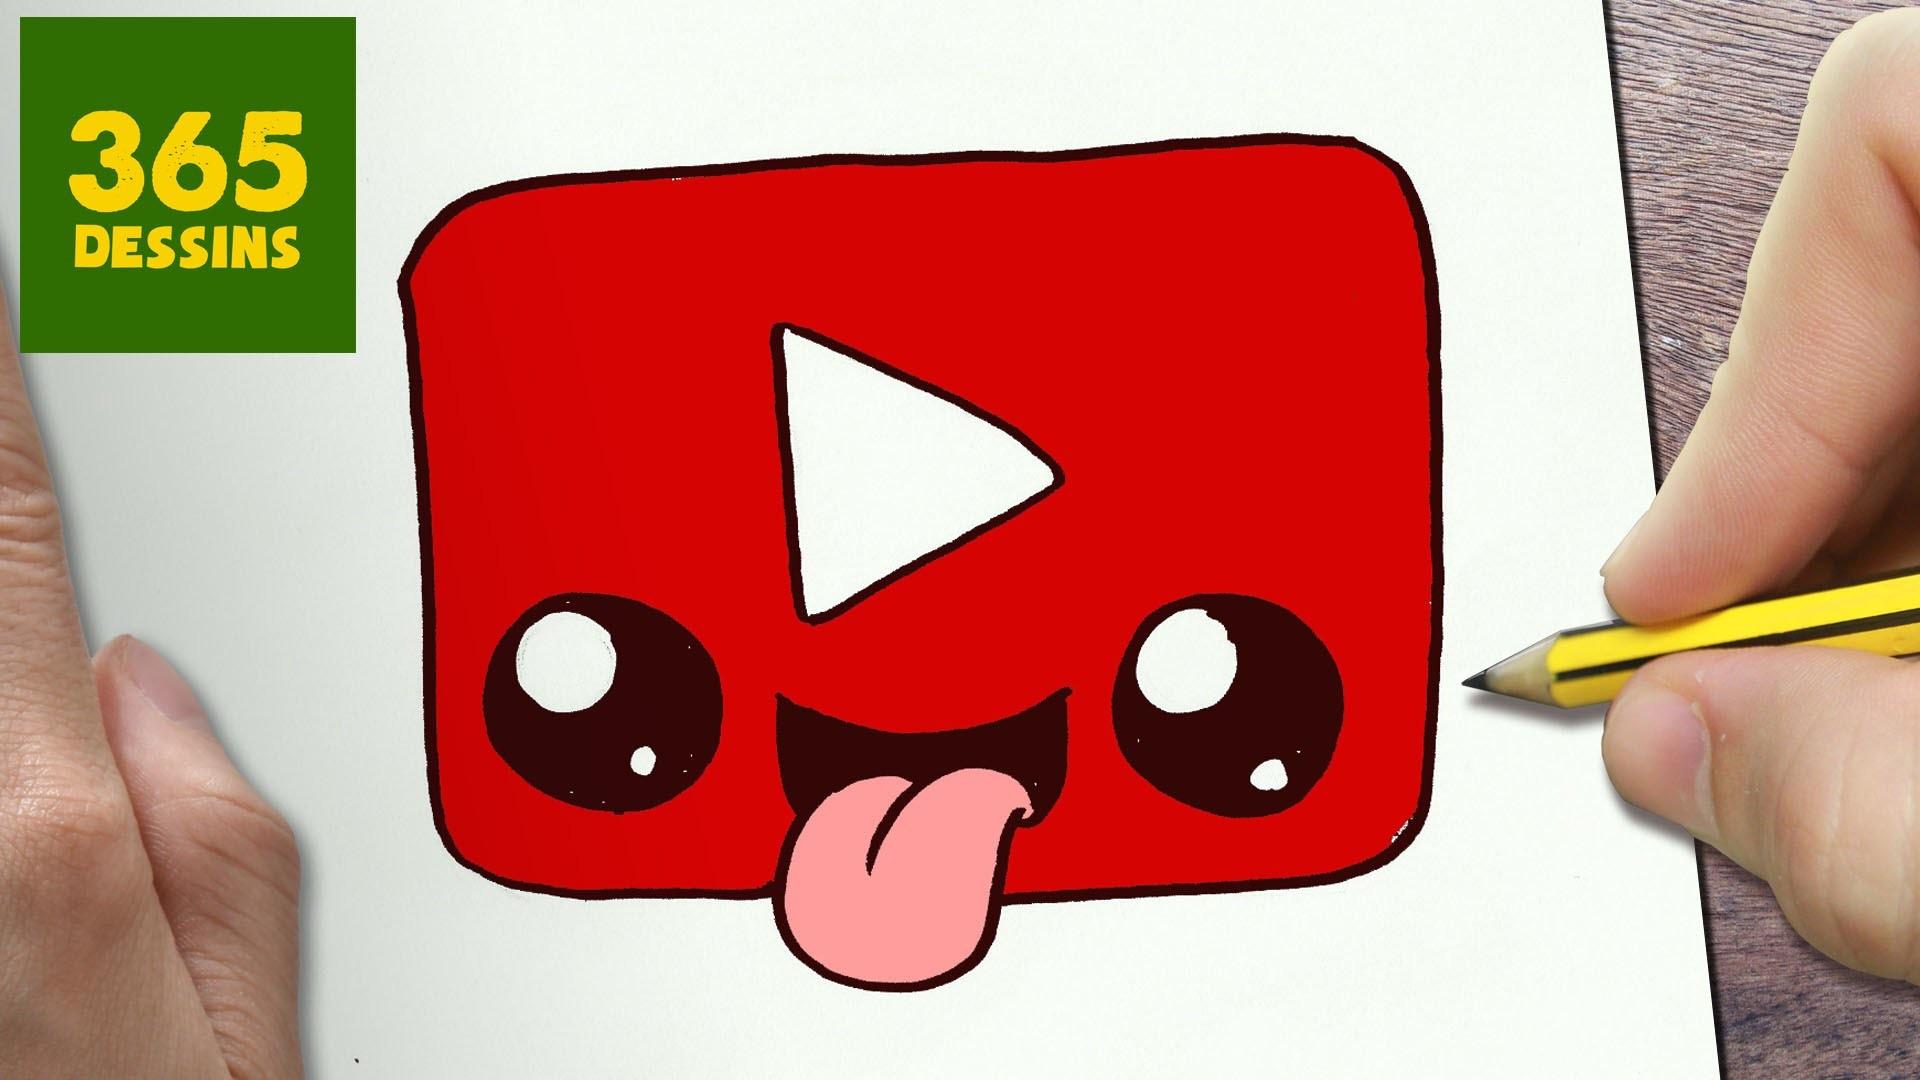 comment dessiner logo youtube kawaii tape par tape dessins kawaii facile. Black Bedroom Furniture Sets. Home Design Ideas